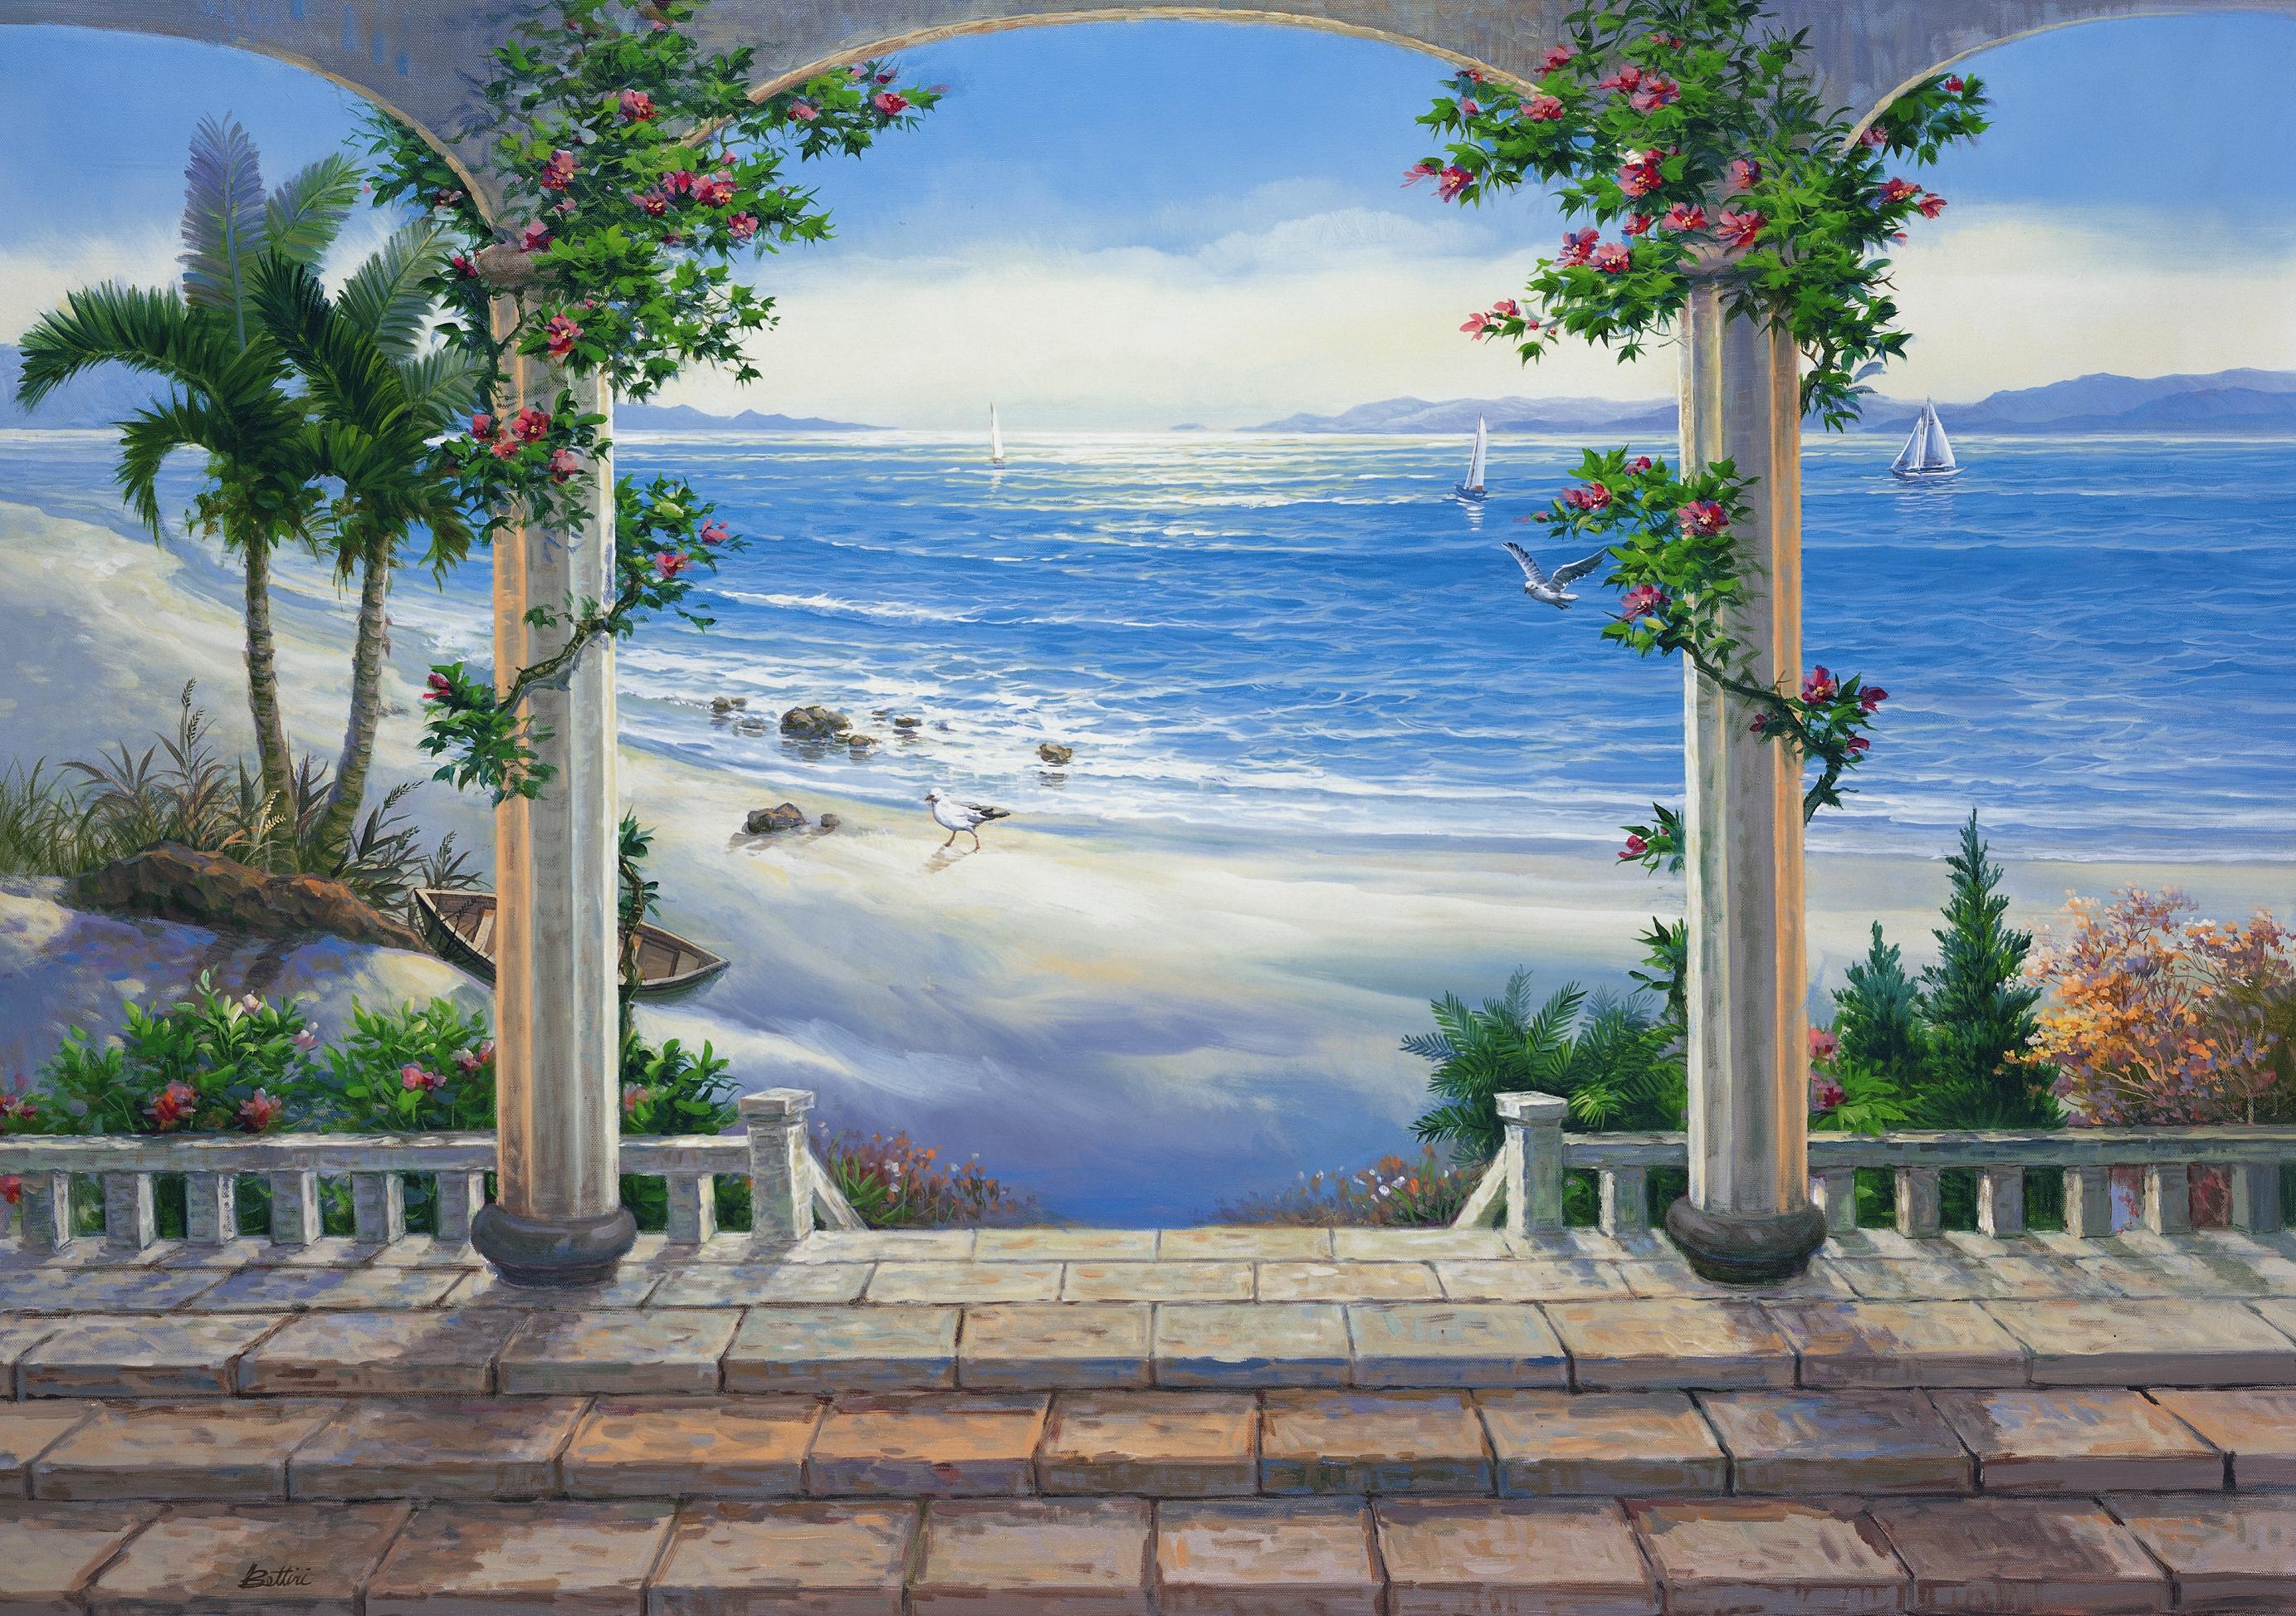 Wallpaper Murals 27661947 132555 HD Wallpaper Res 2766x1947 2766x1947